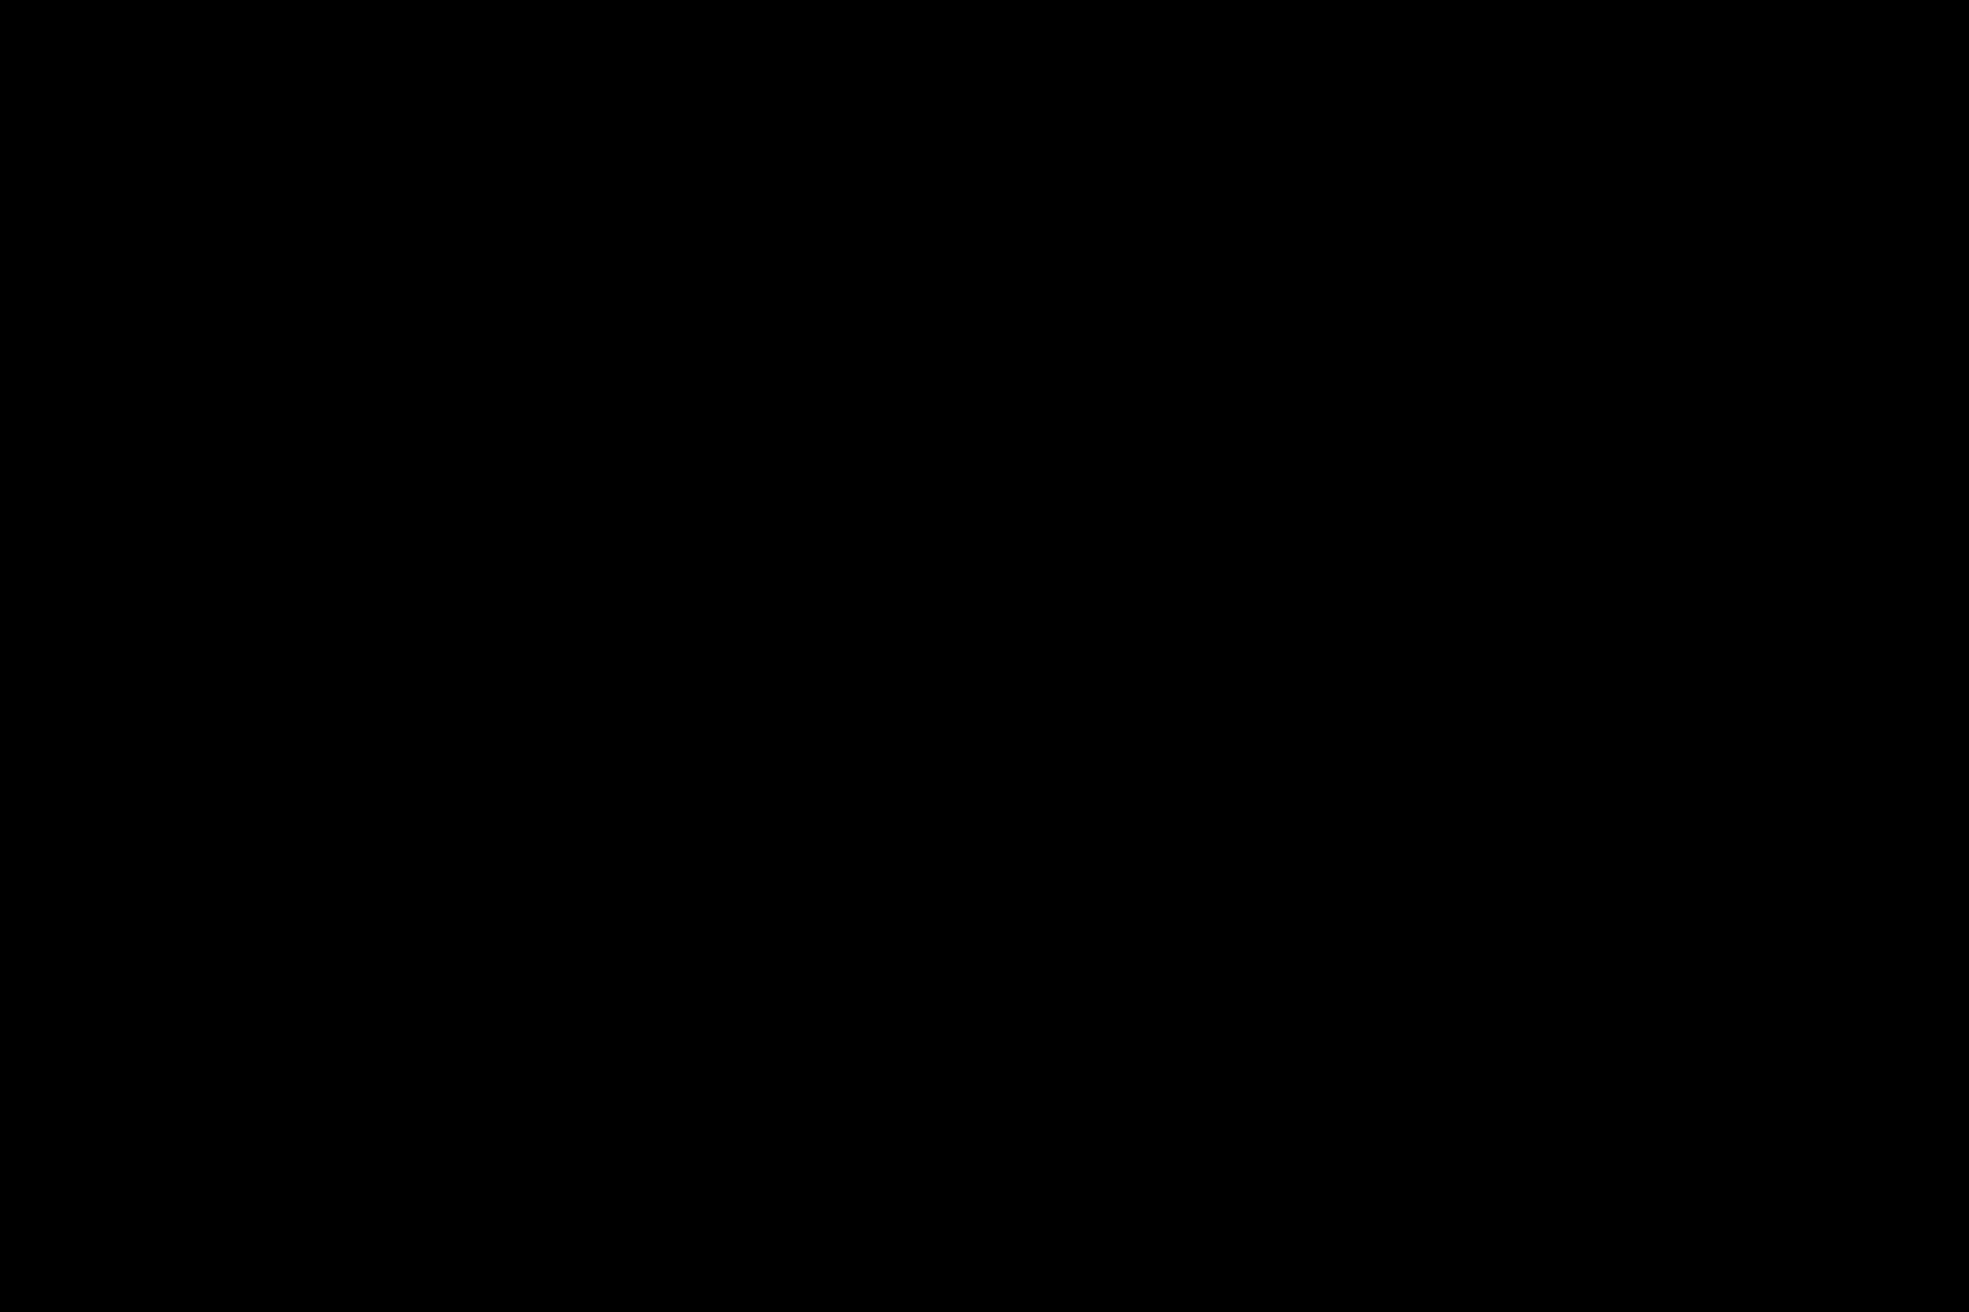 Bioracer WK-tenue voor Edelenbos